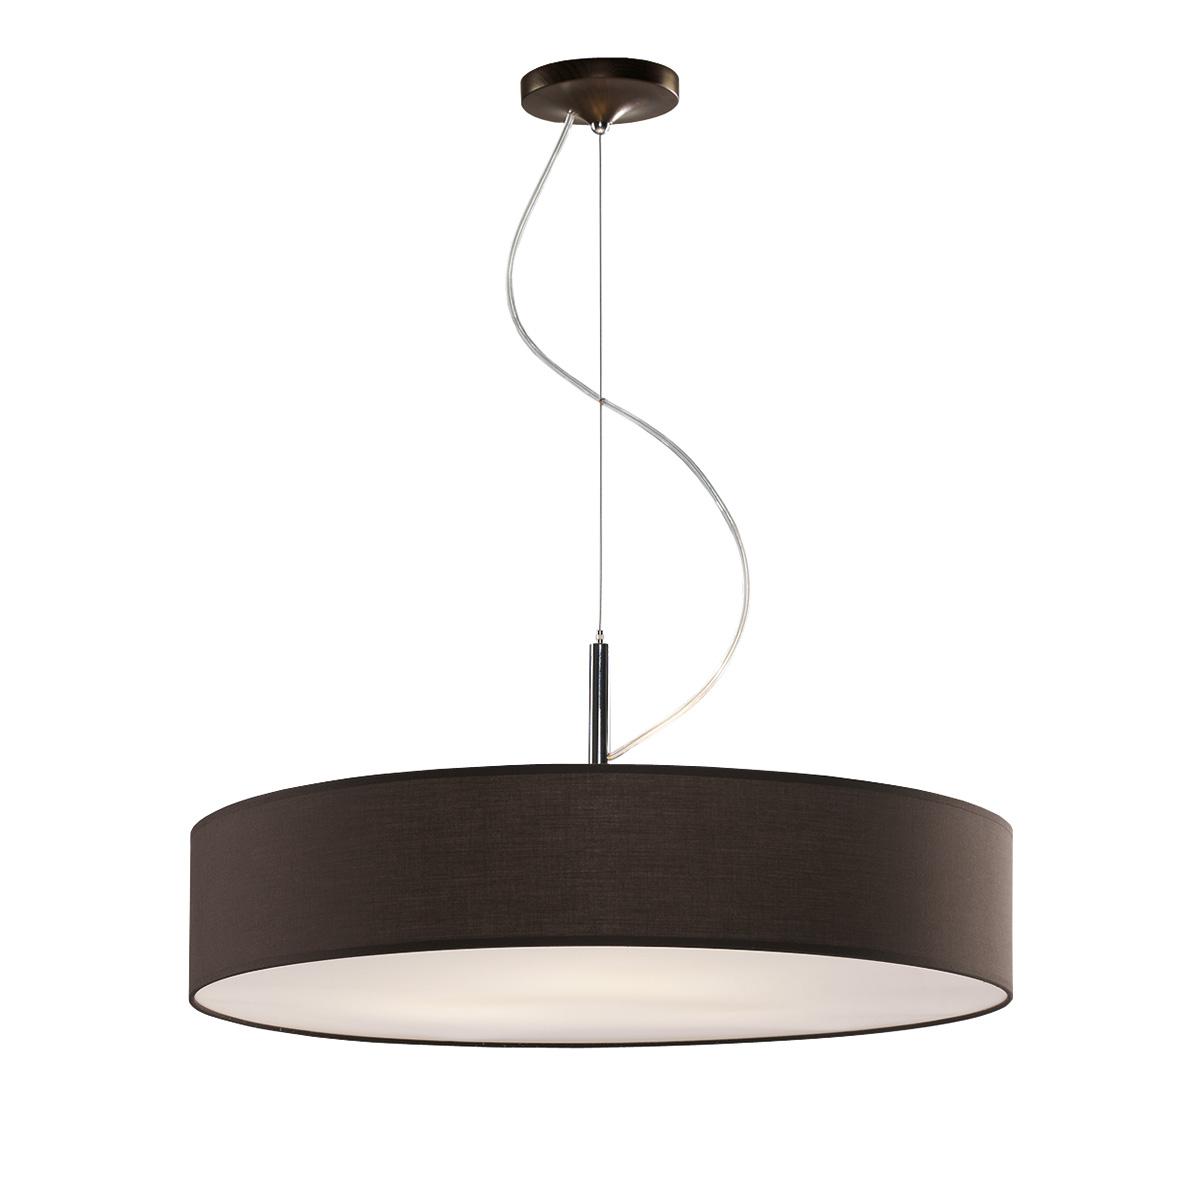 Κρεμαστό ανθρακί μονόφωτο DISCO ZEN hanging lamp with dark gray shade